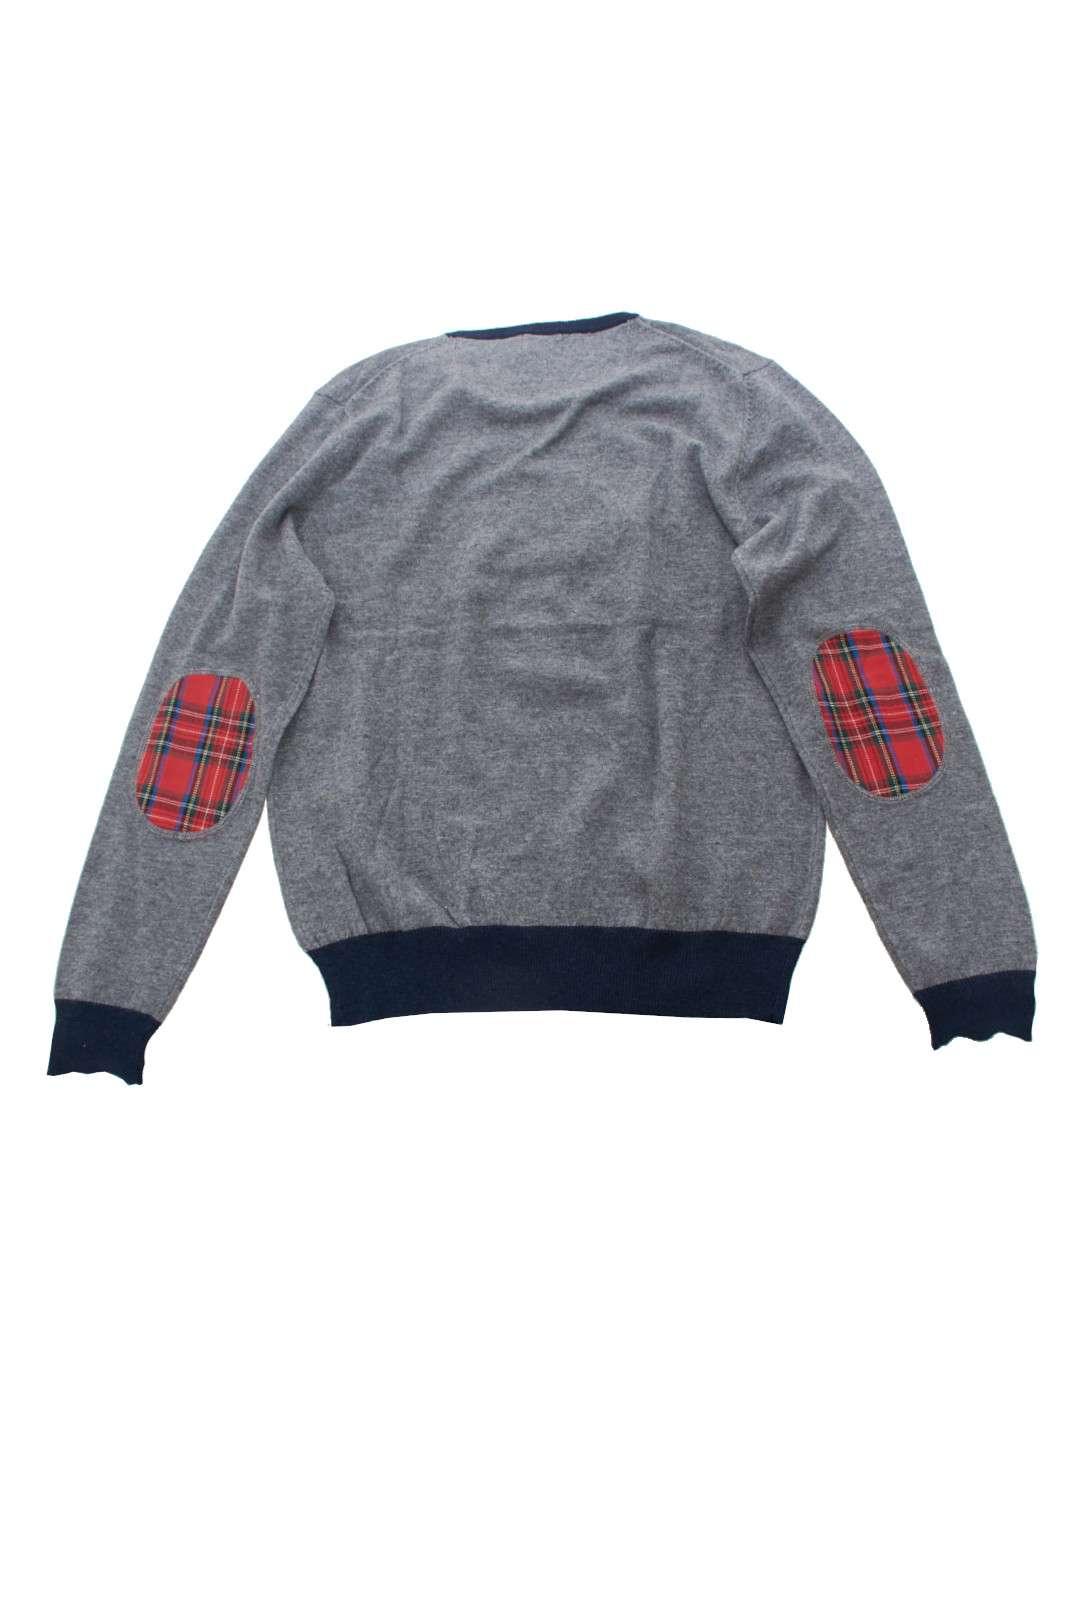 https://www.parmax.com/media/catalog/product/a/i/AI-outlet_parmax-maglia-bambino-berna-brnf803-B.jpg